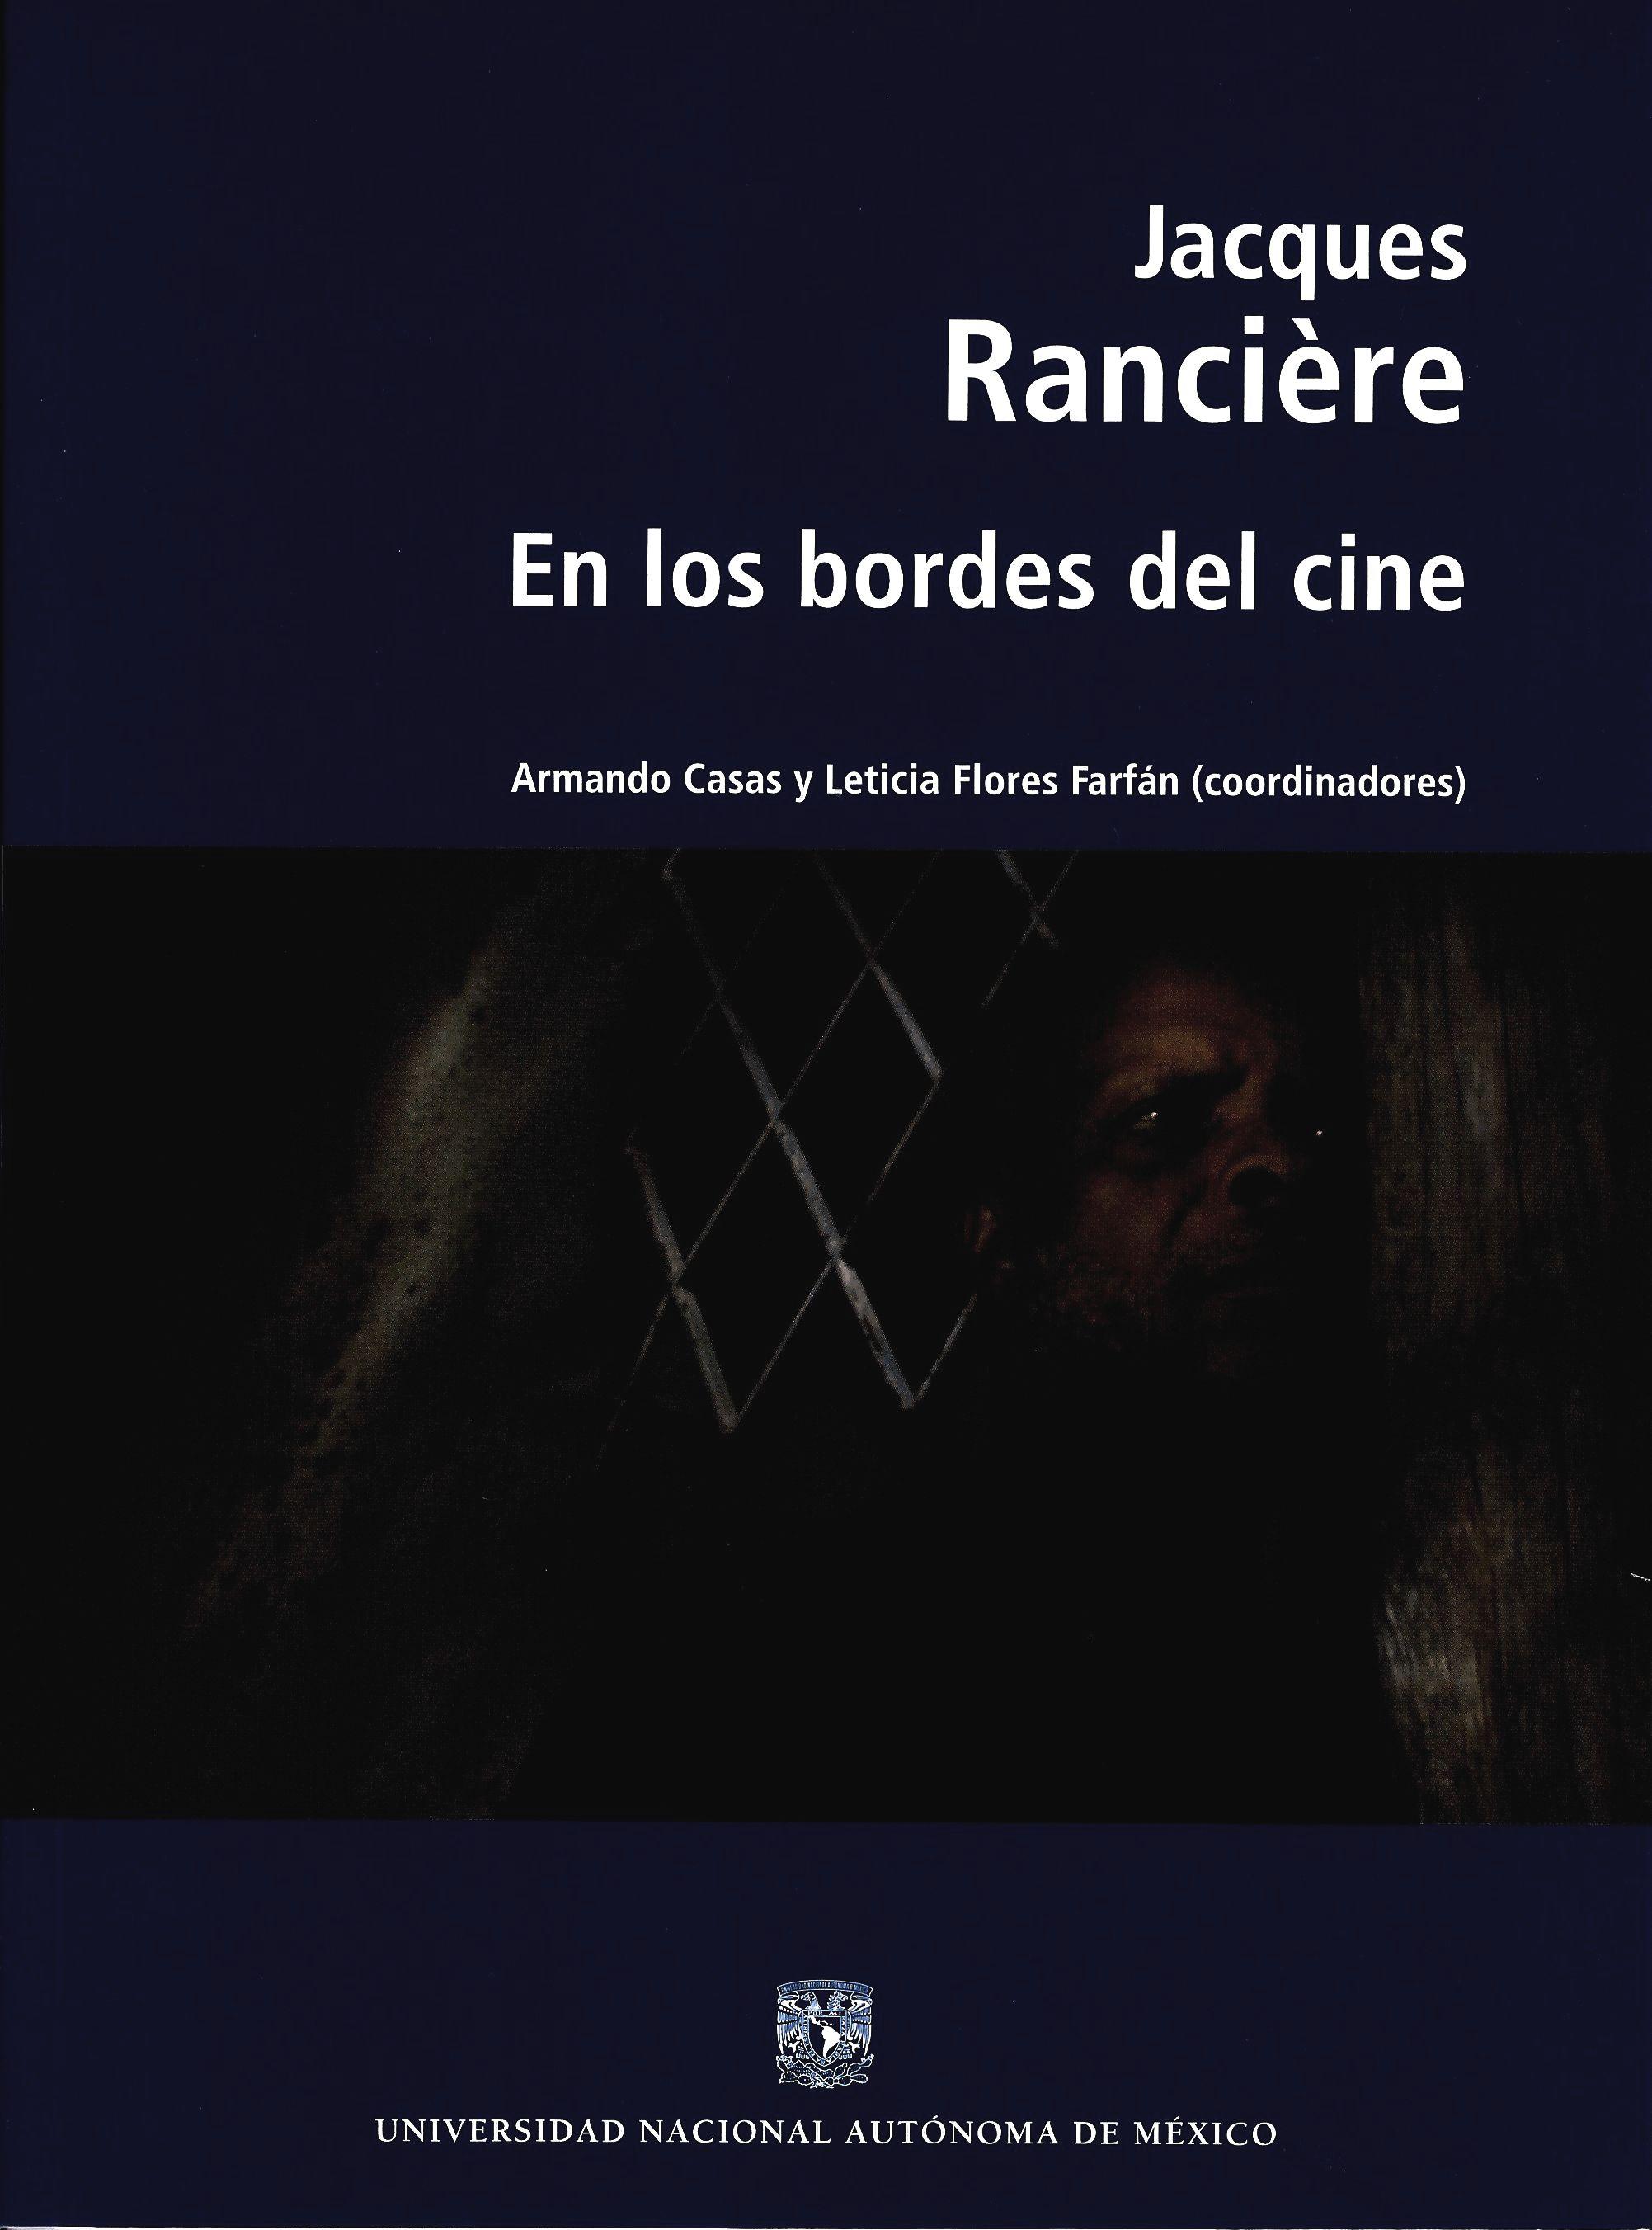 Jacques Rancière. En los bordes del cine